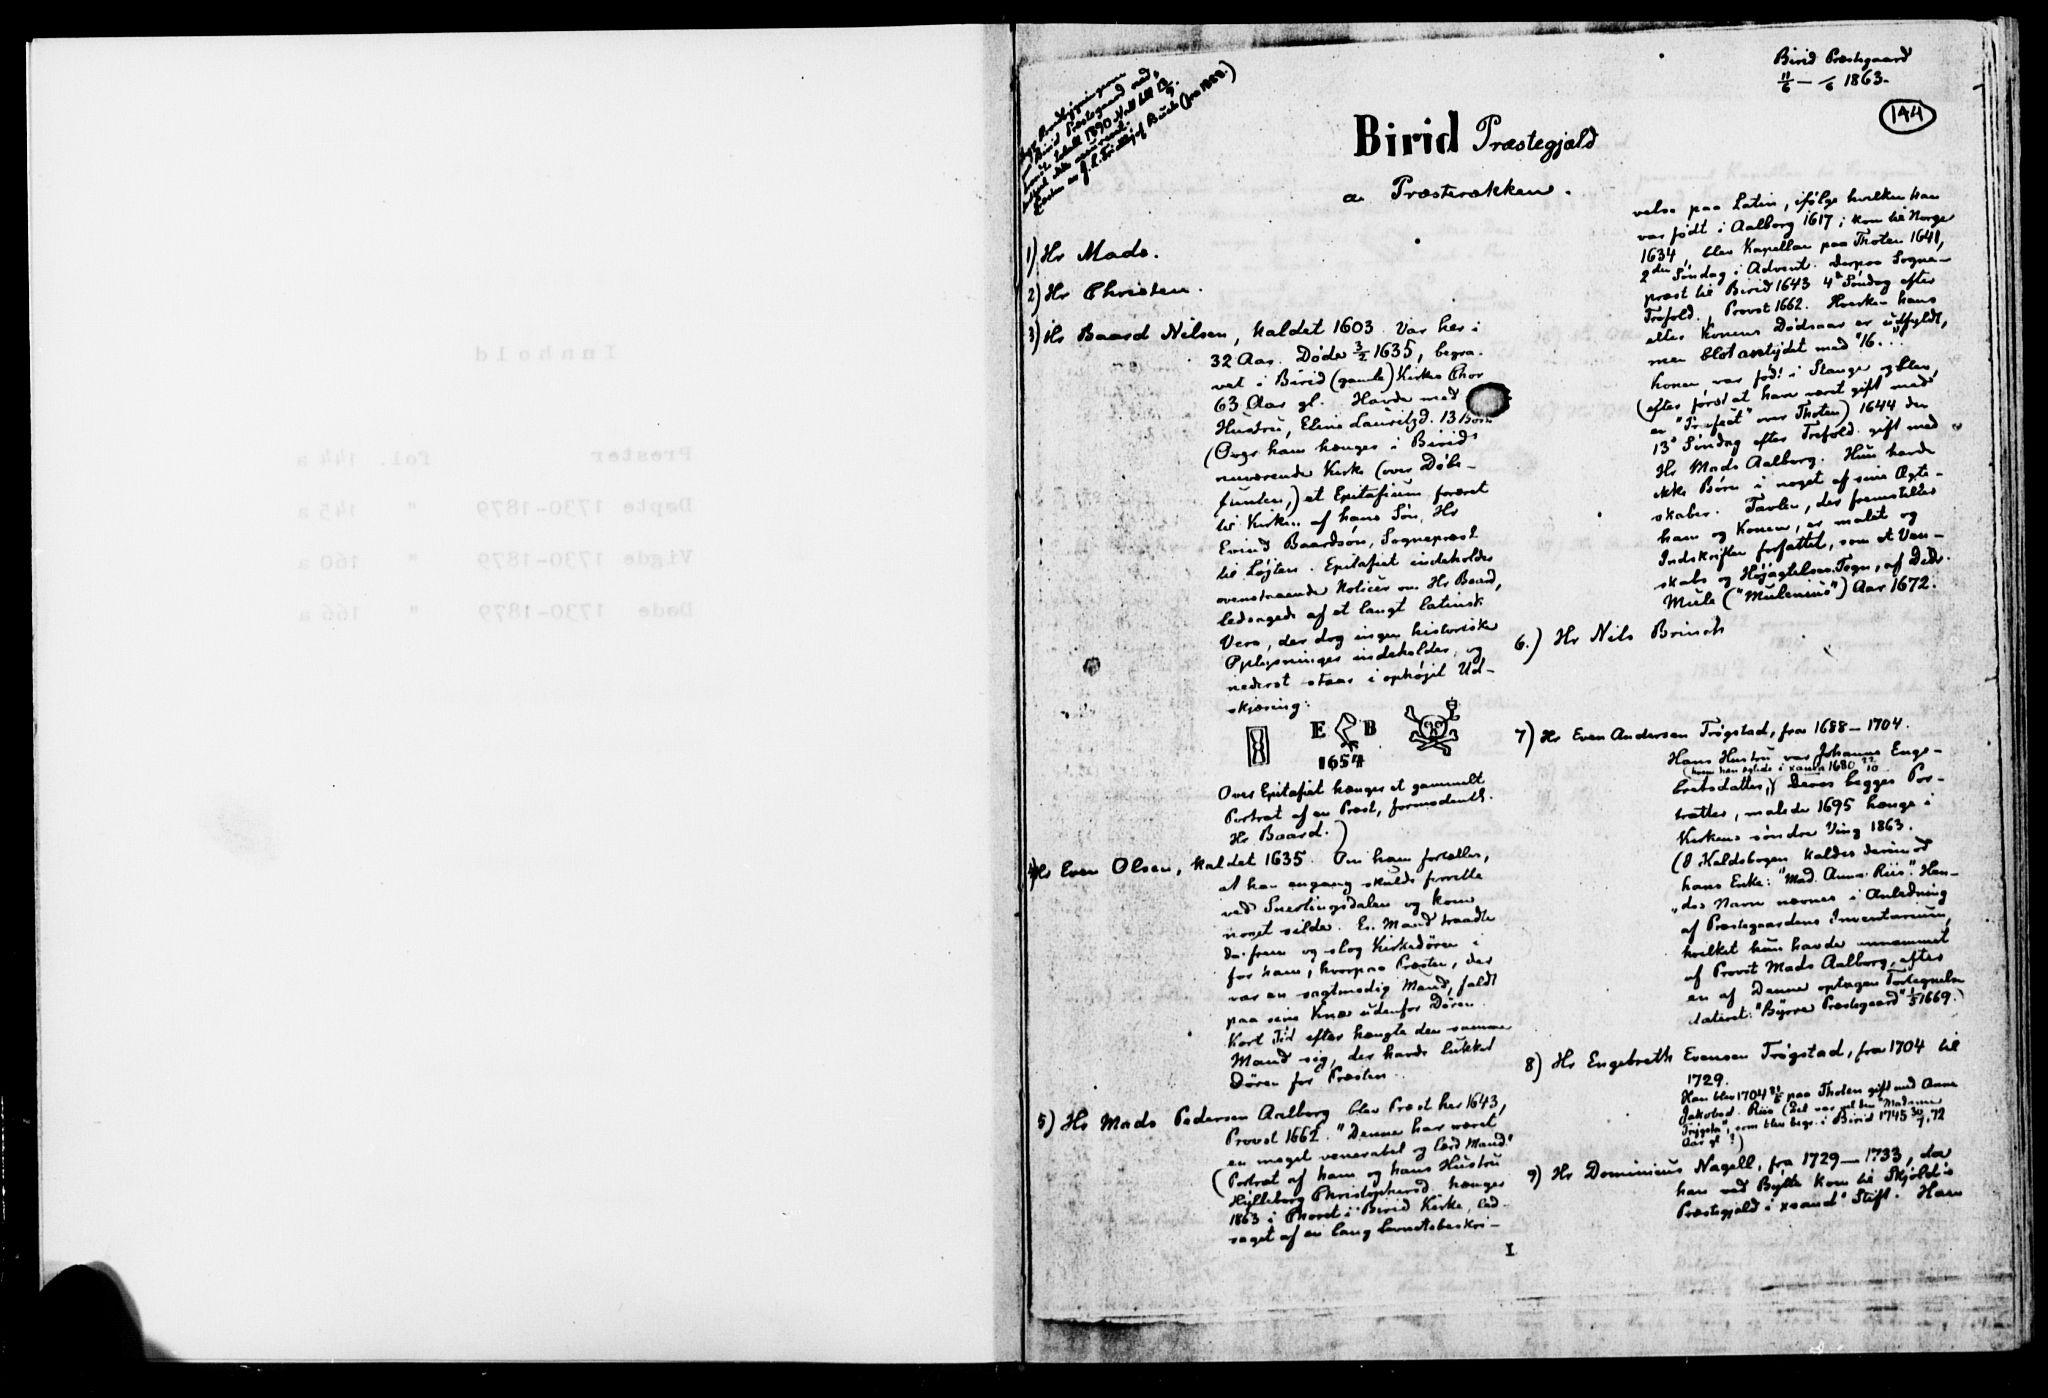 SAH, Biri prestekontor, Ministerialbok, 1730-1879, s. 144